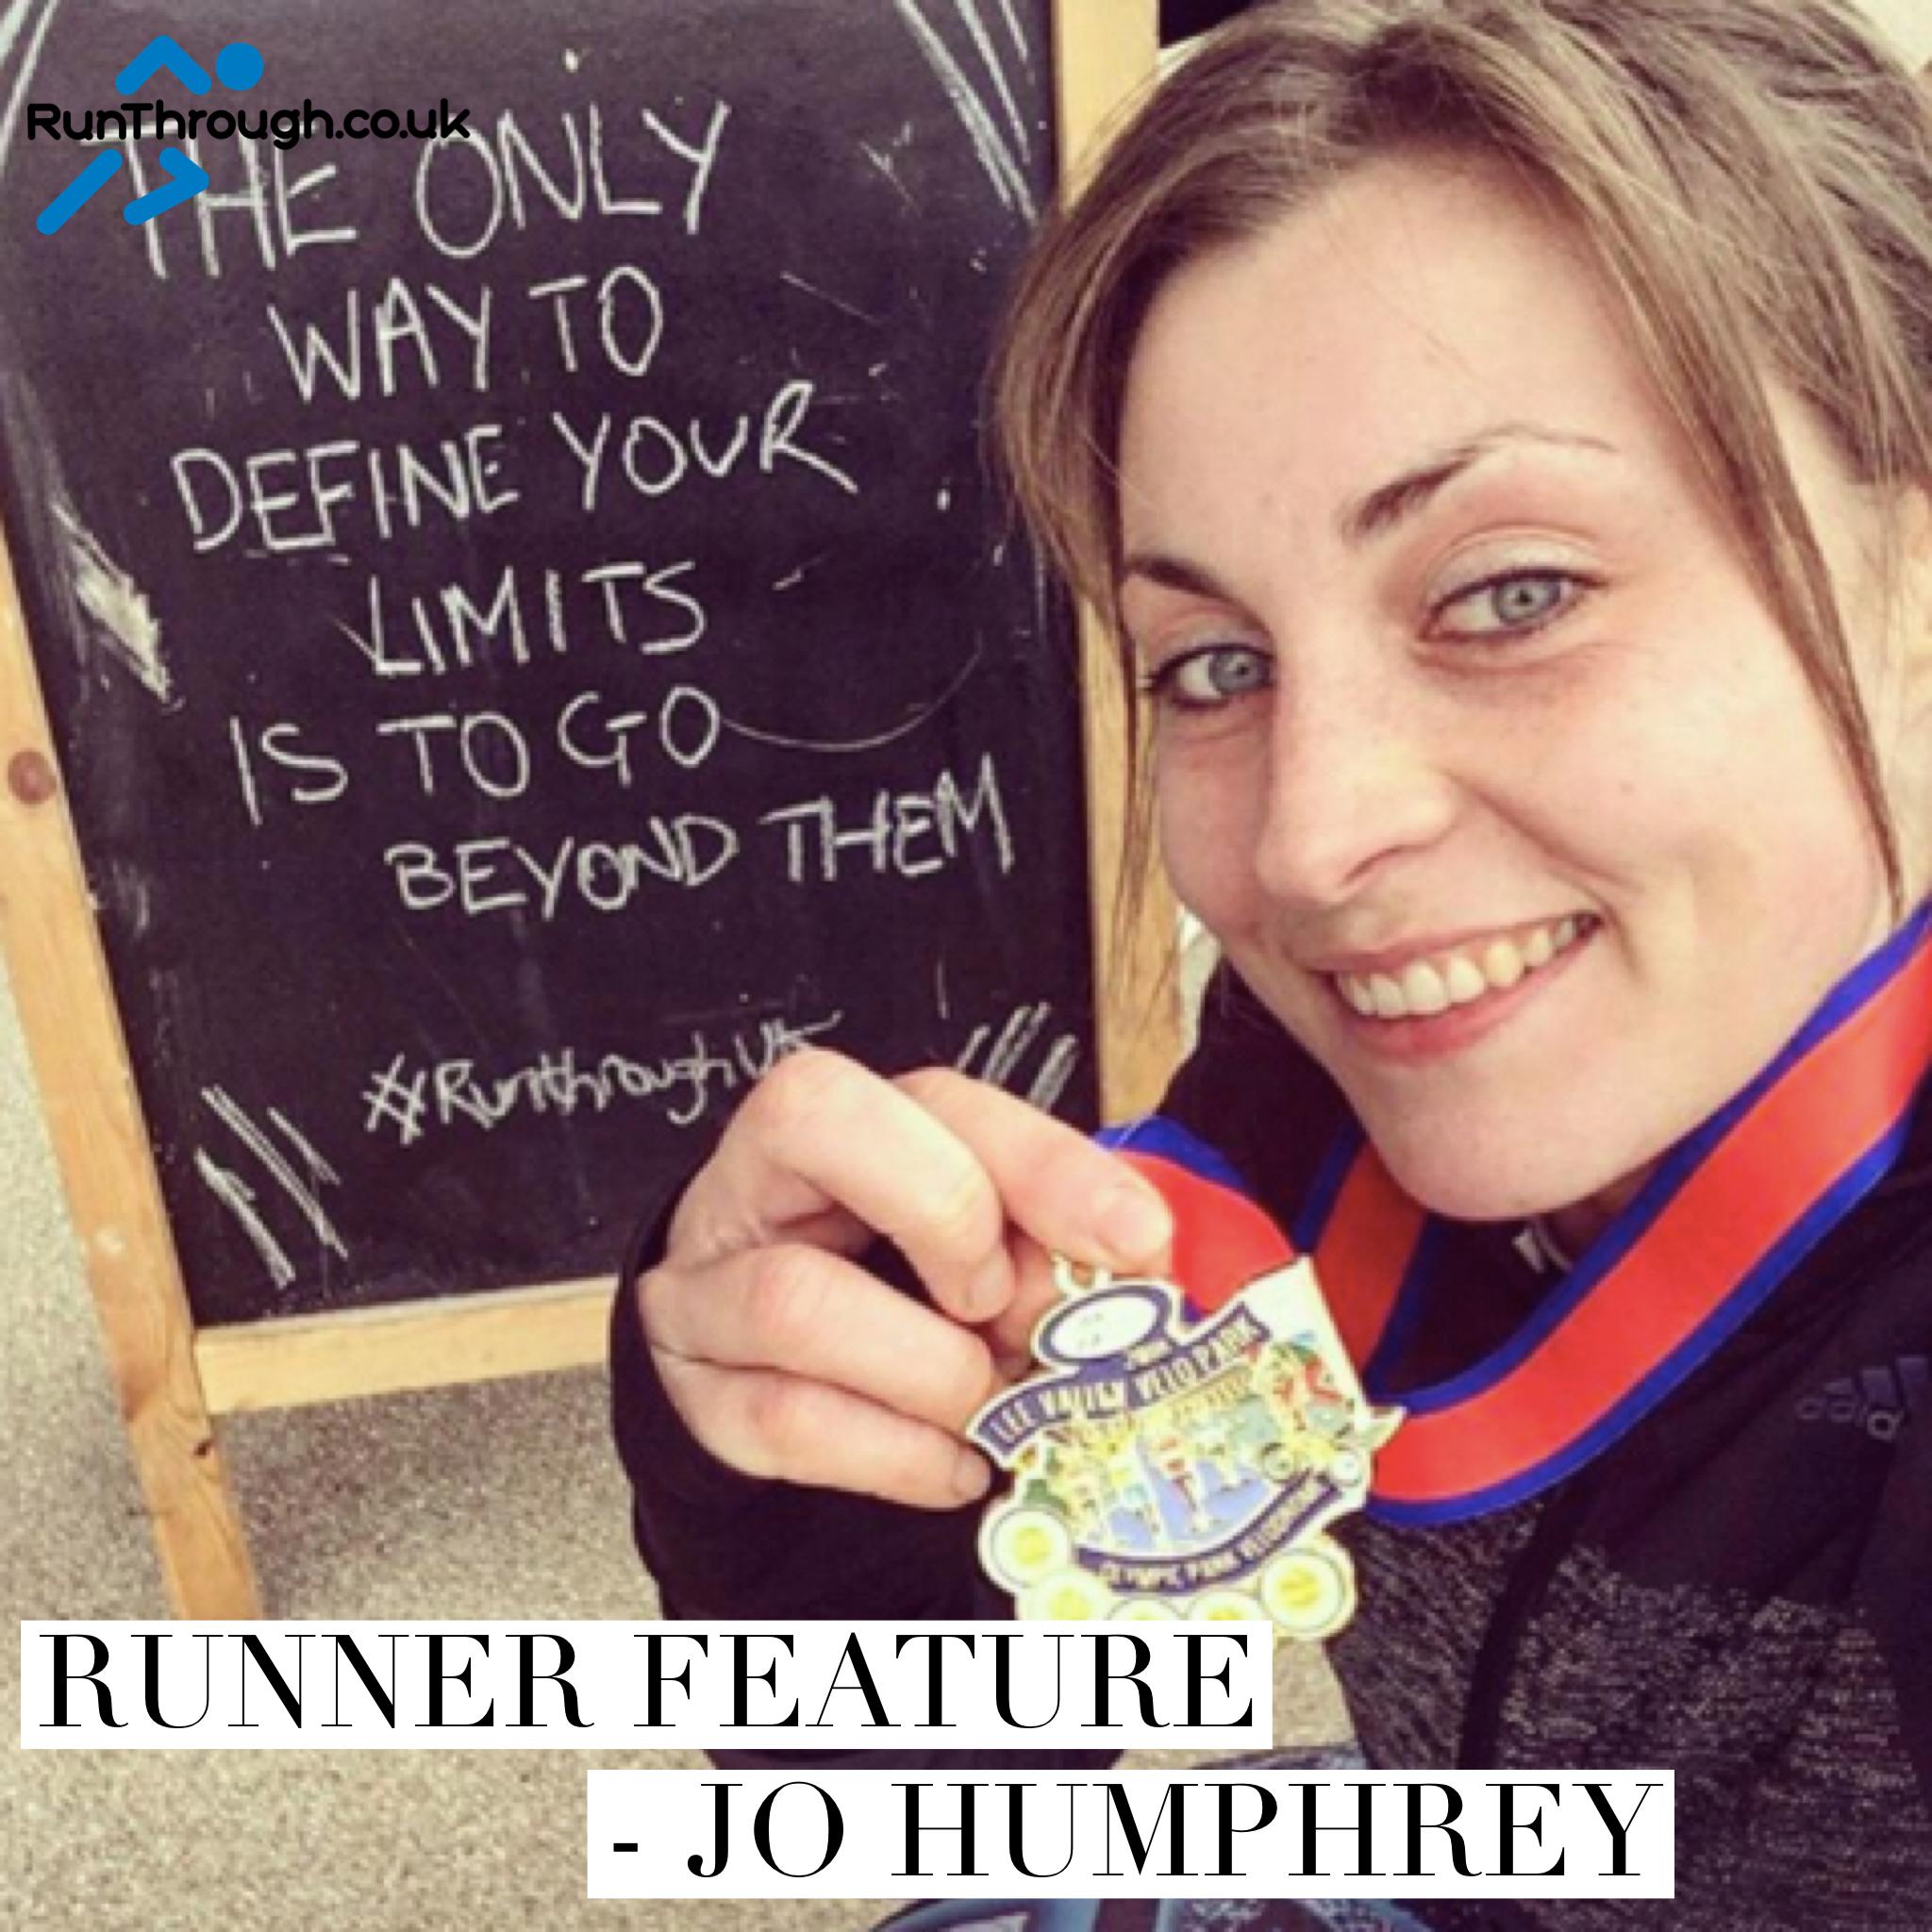 Runner Feature – Jo Humphrey